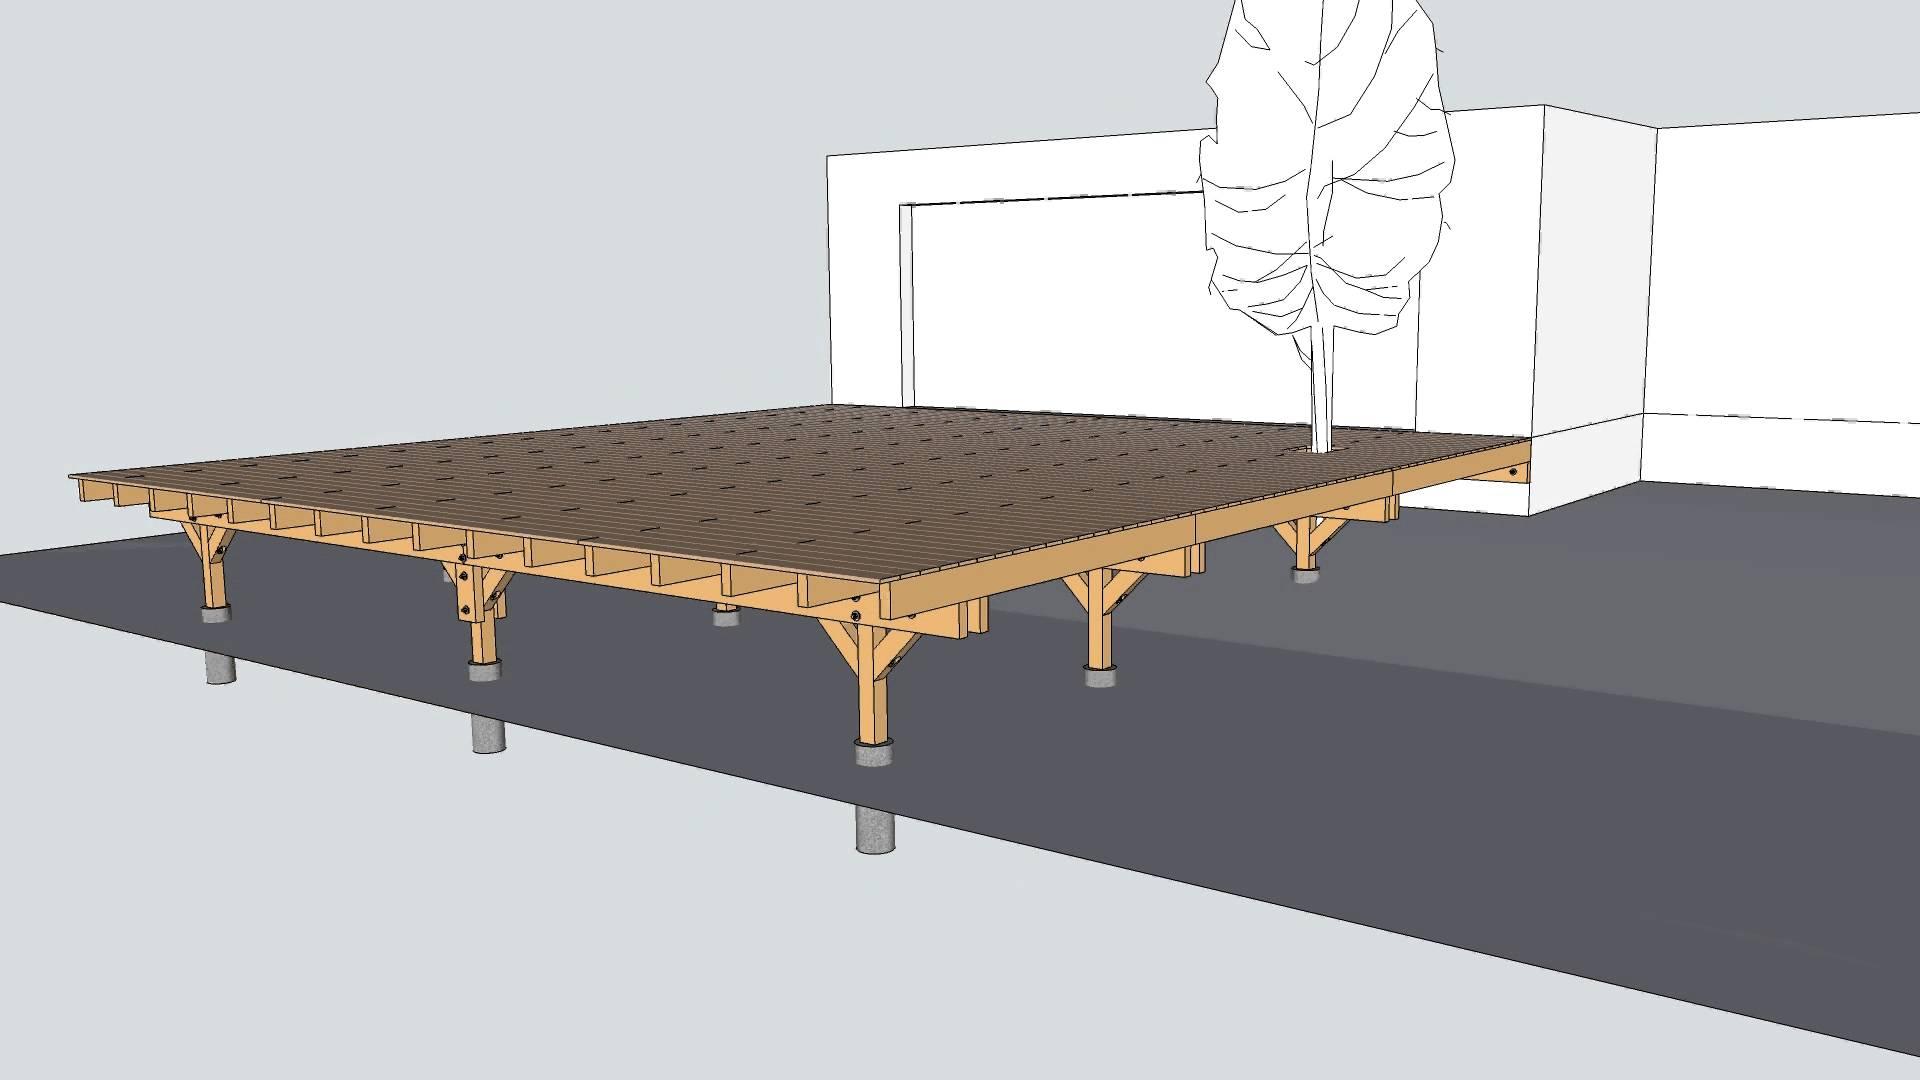 terrasse sur pilotis en beton avec image ou video nos conseils. Black Bedroom Furniture Sets. Home Design Ideas